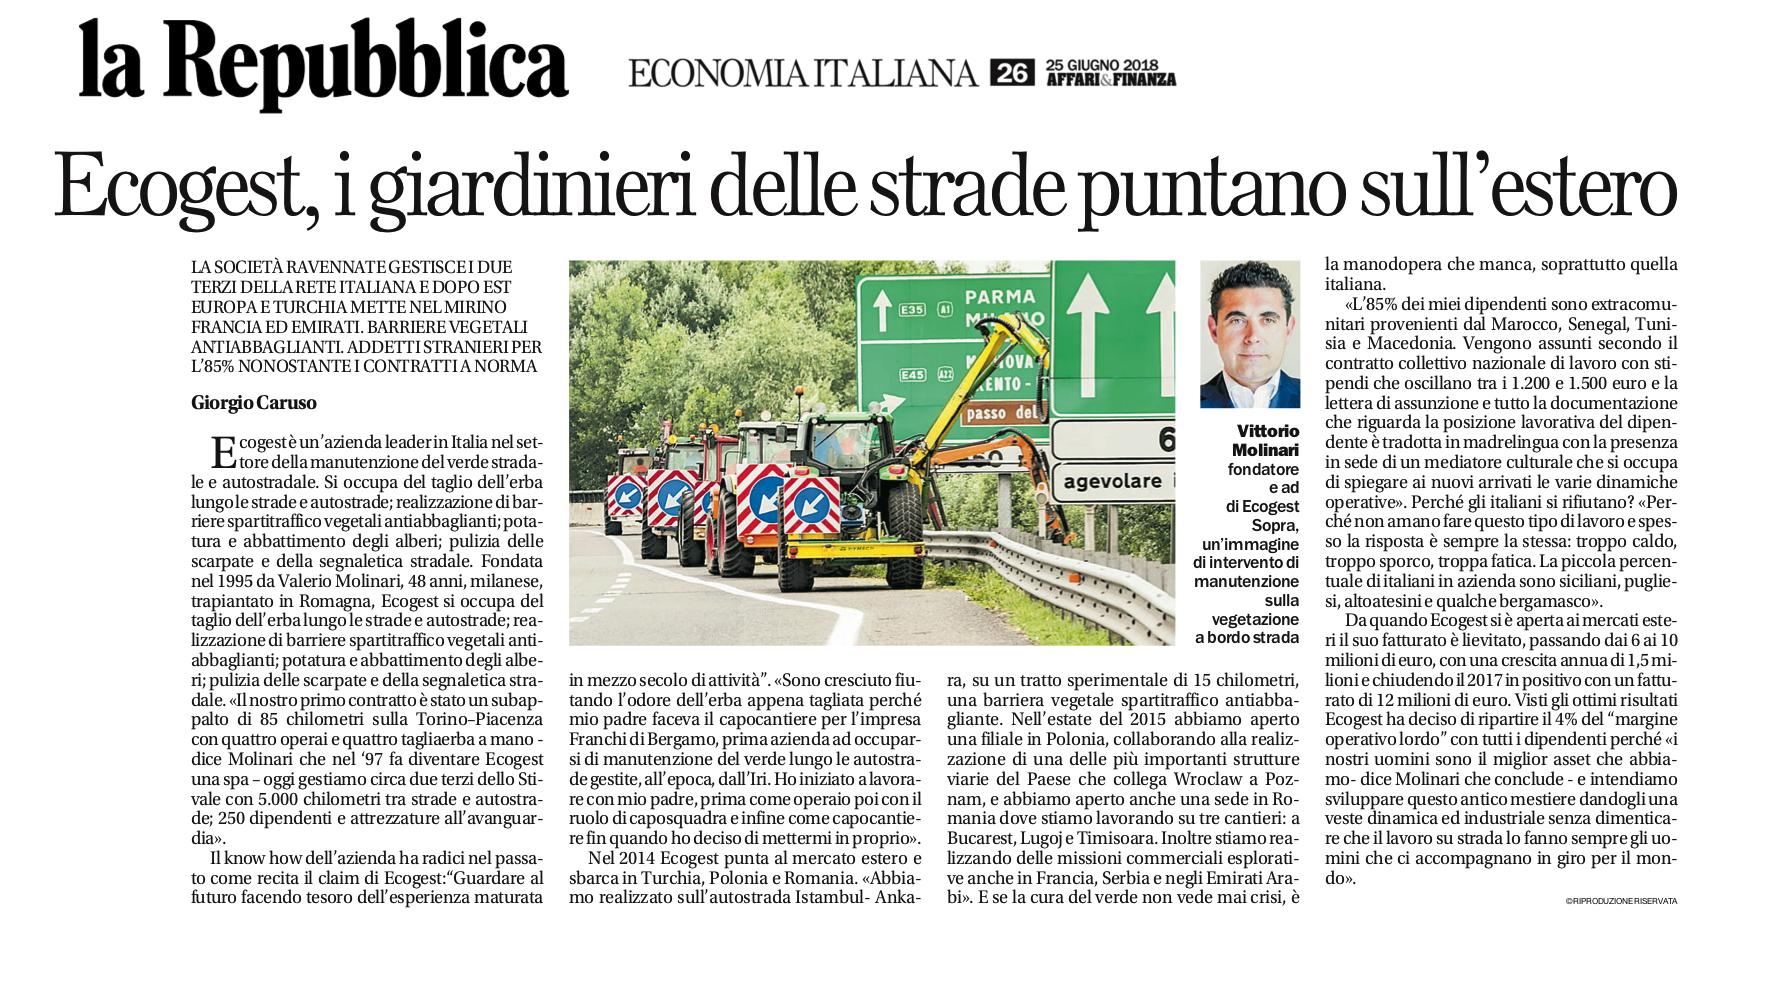 Ecogest e la sua mission sul quotidiano La Repubblica